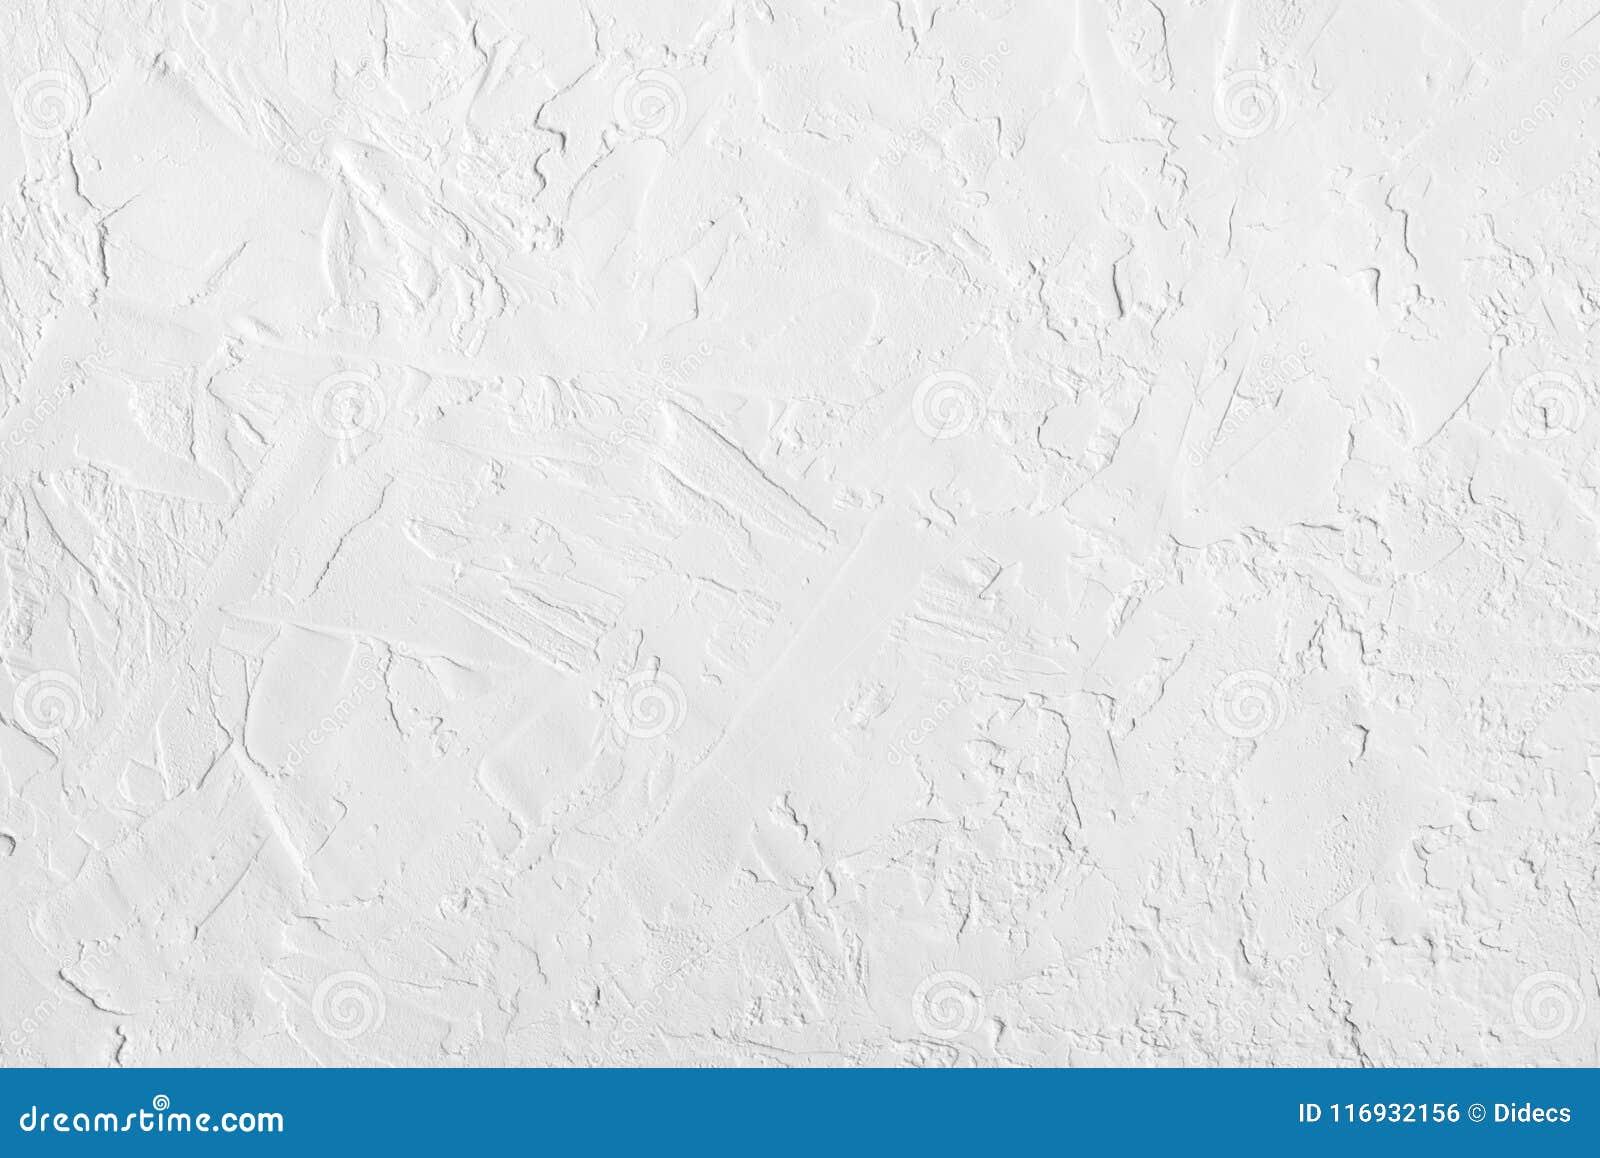 白色抽象质感粗糙的墙壁 背景背景卷毛典雅的要素模式葡萄酒